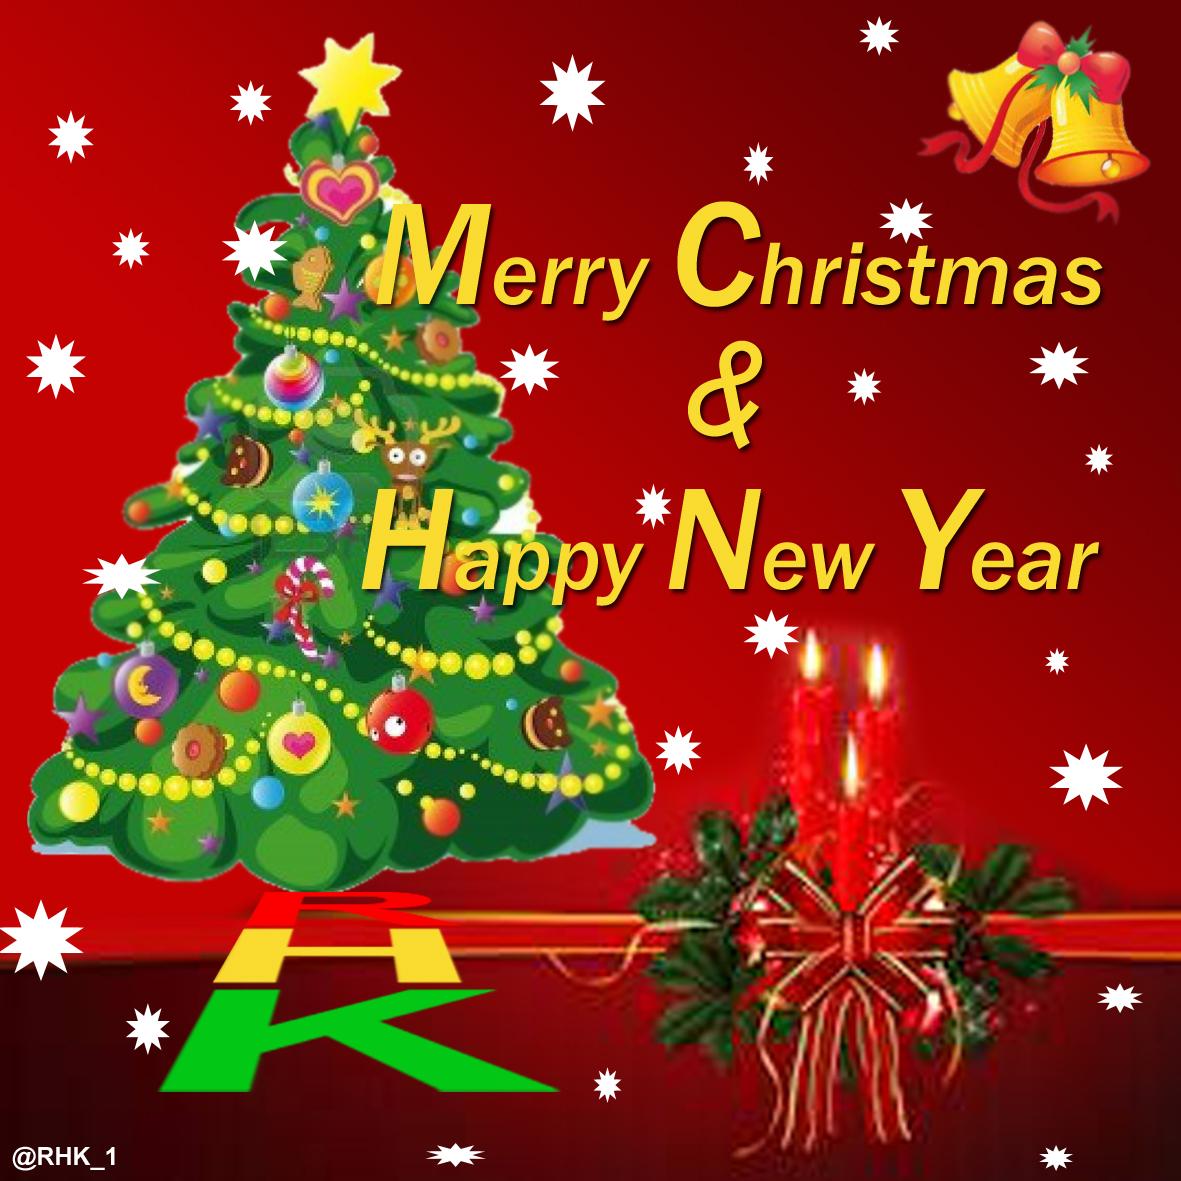 Kumpulan Gambar Dp Bbm Kartu Ucapan Selamat Hari Natal Dan Tahun Baru 2018